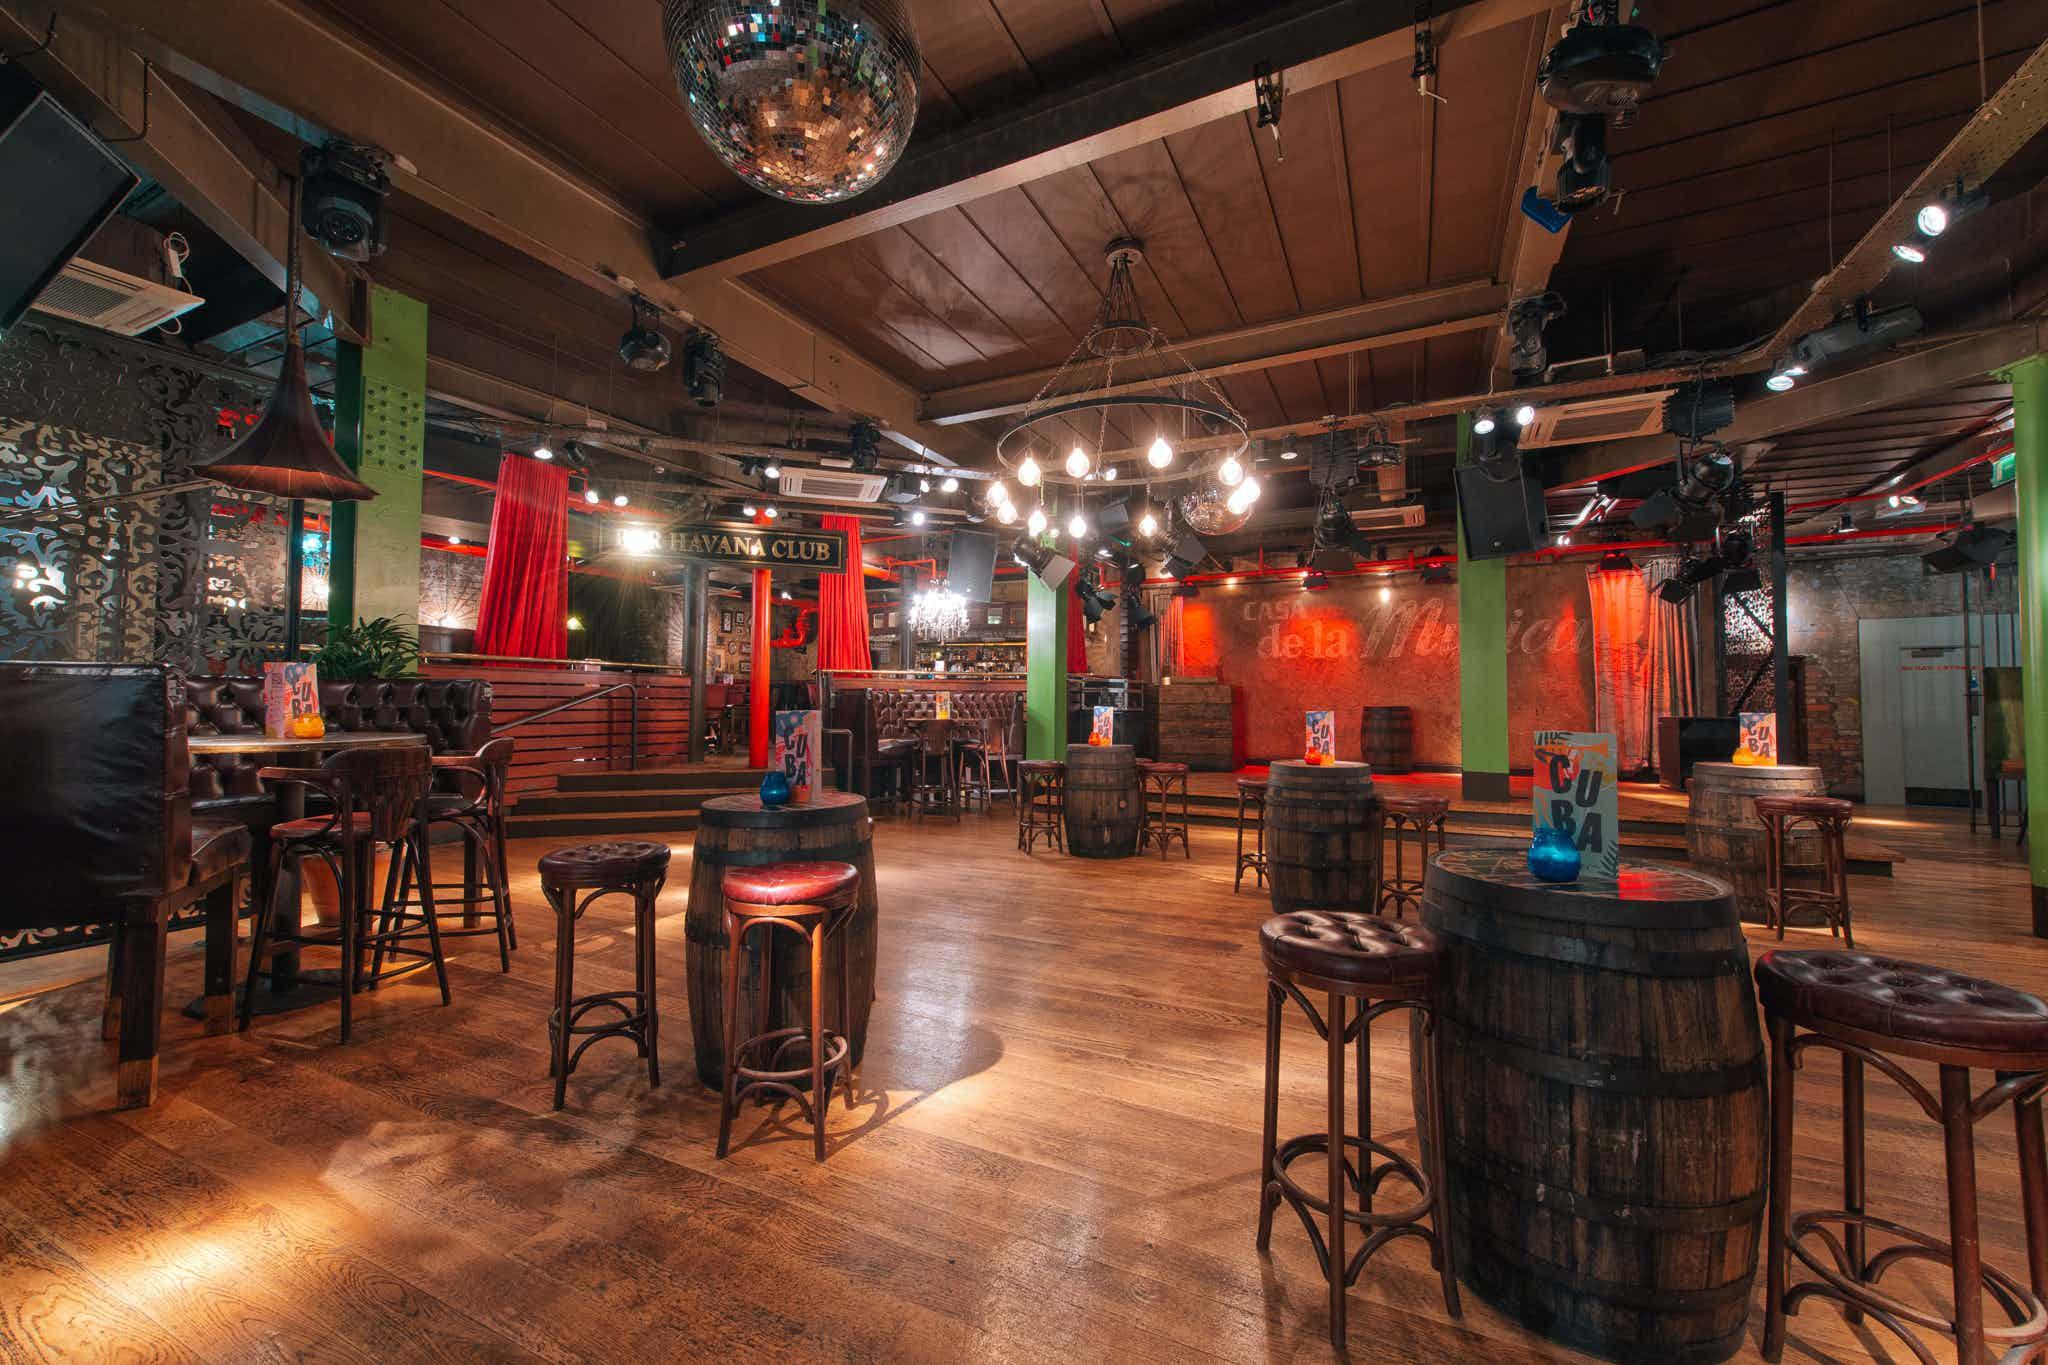 Bacardi Bar, Revolución de Cuba Manchester